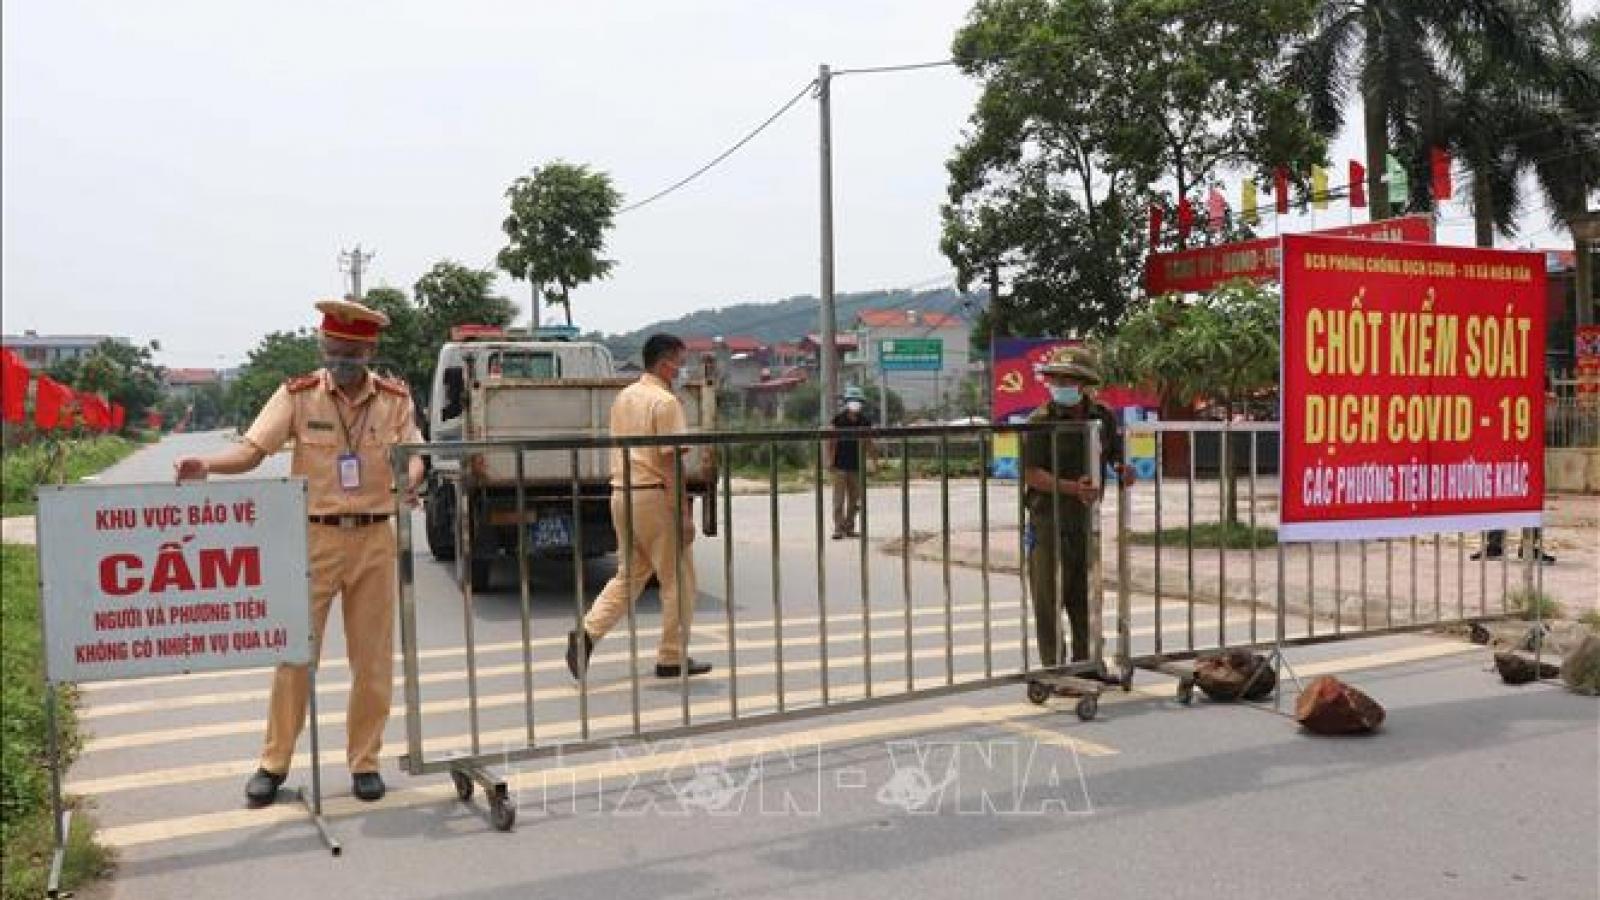 Bắc Ninh thực hiện giãn cách xã hội tại 4 huyện, thị xã từ 0h ngày 7/5